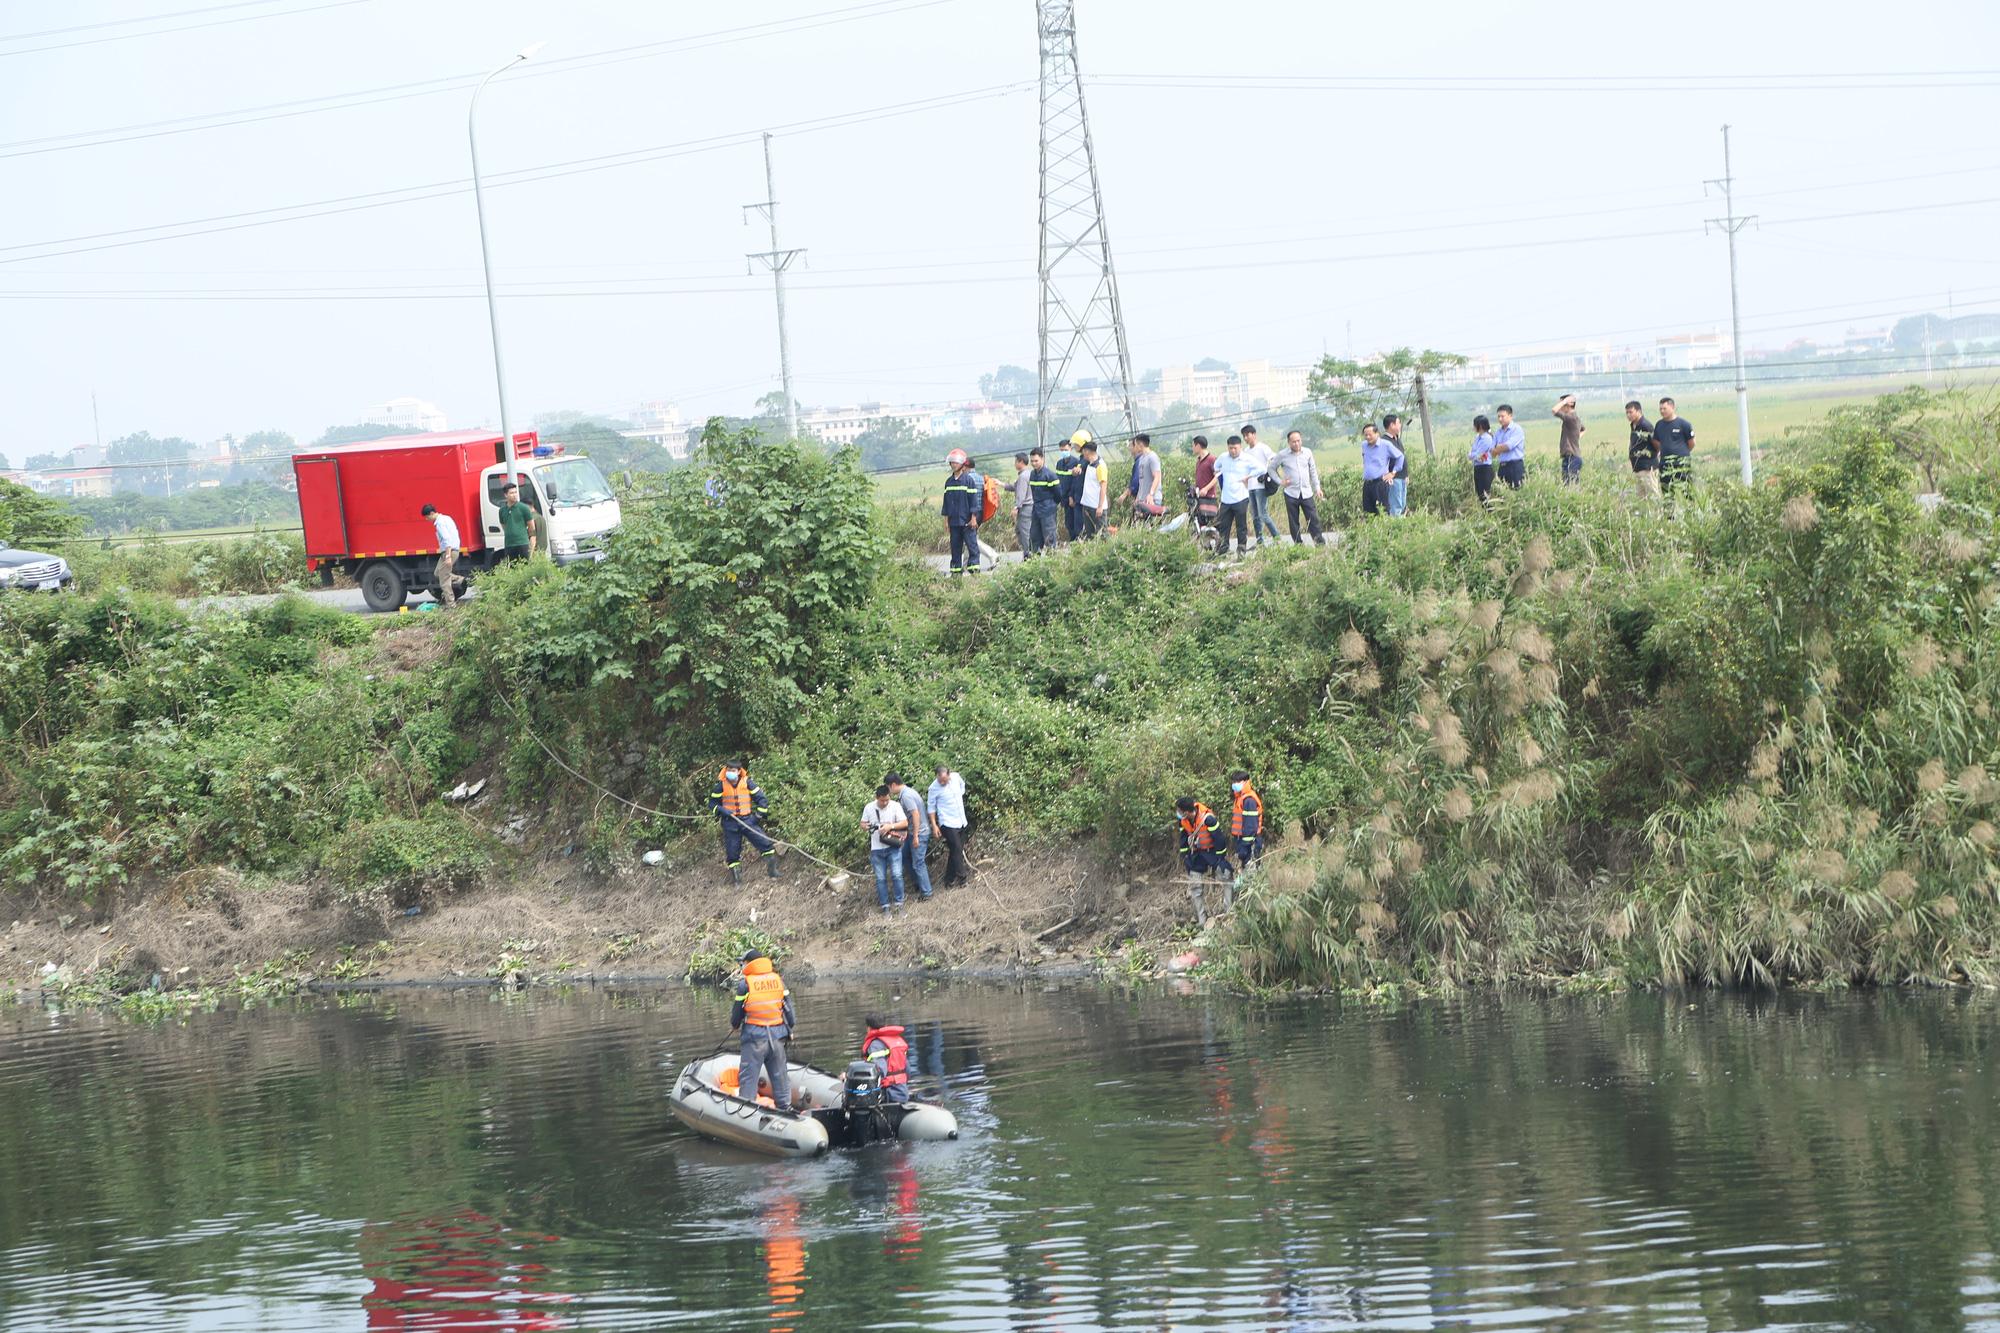 Lực lượng chức năng tìm kiếm nữ sinh Hiền dưới sông Nhuệ.